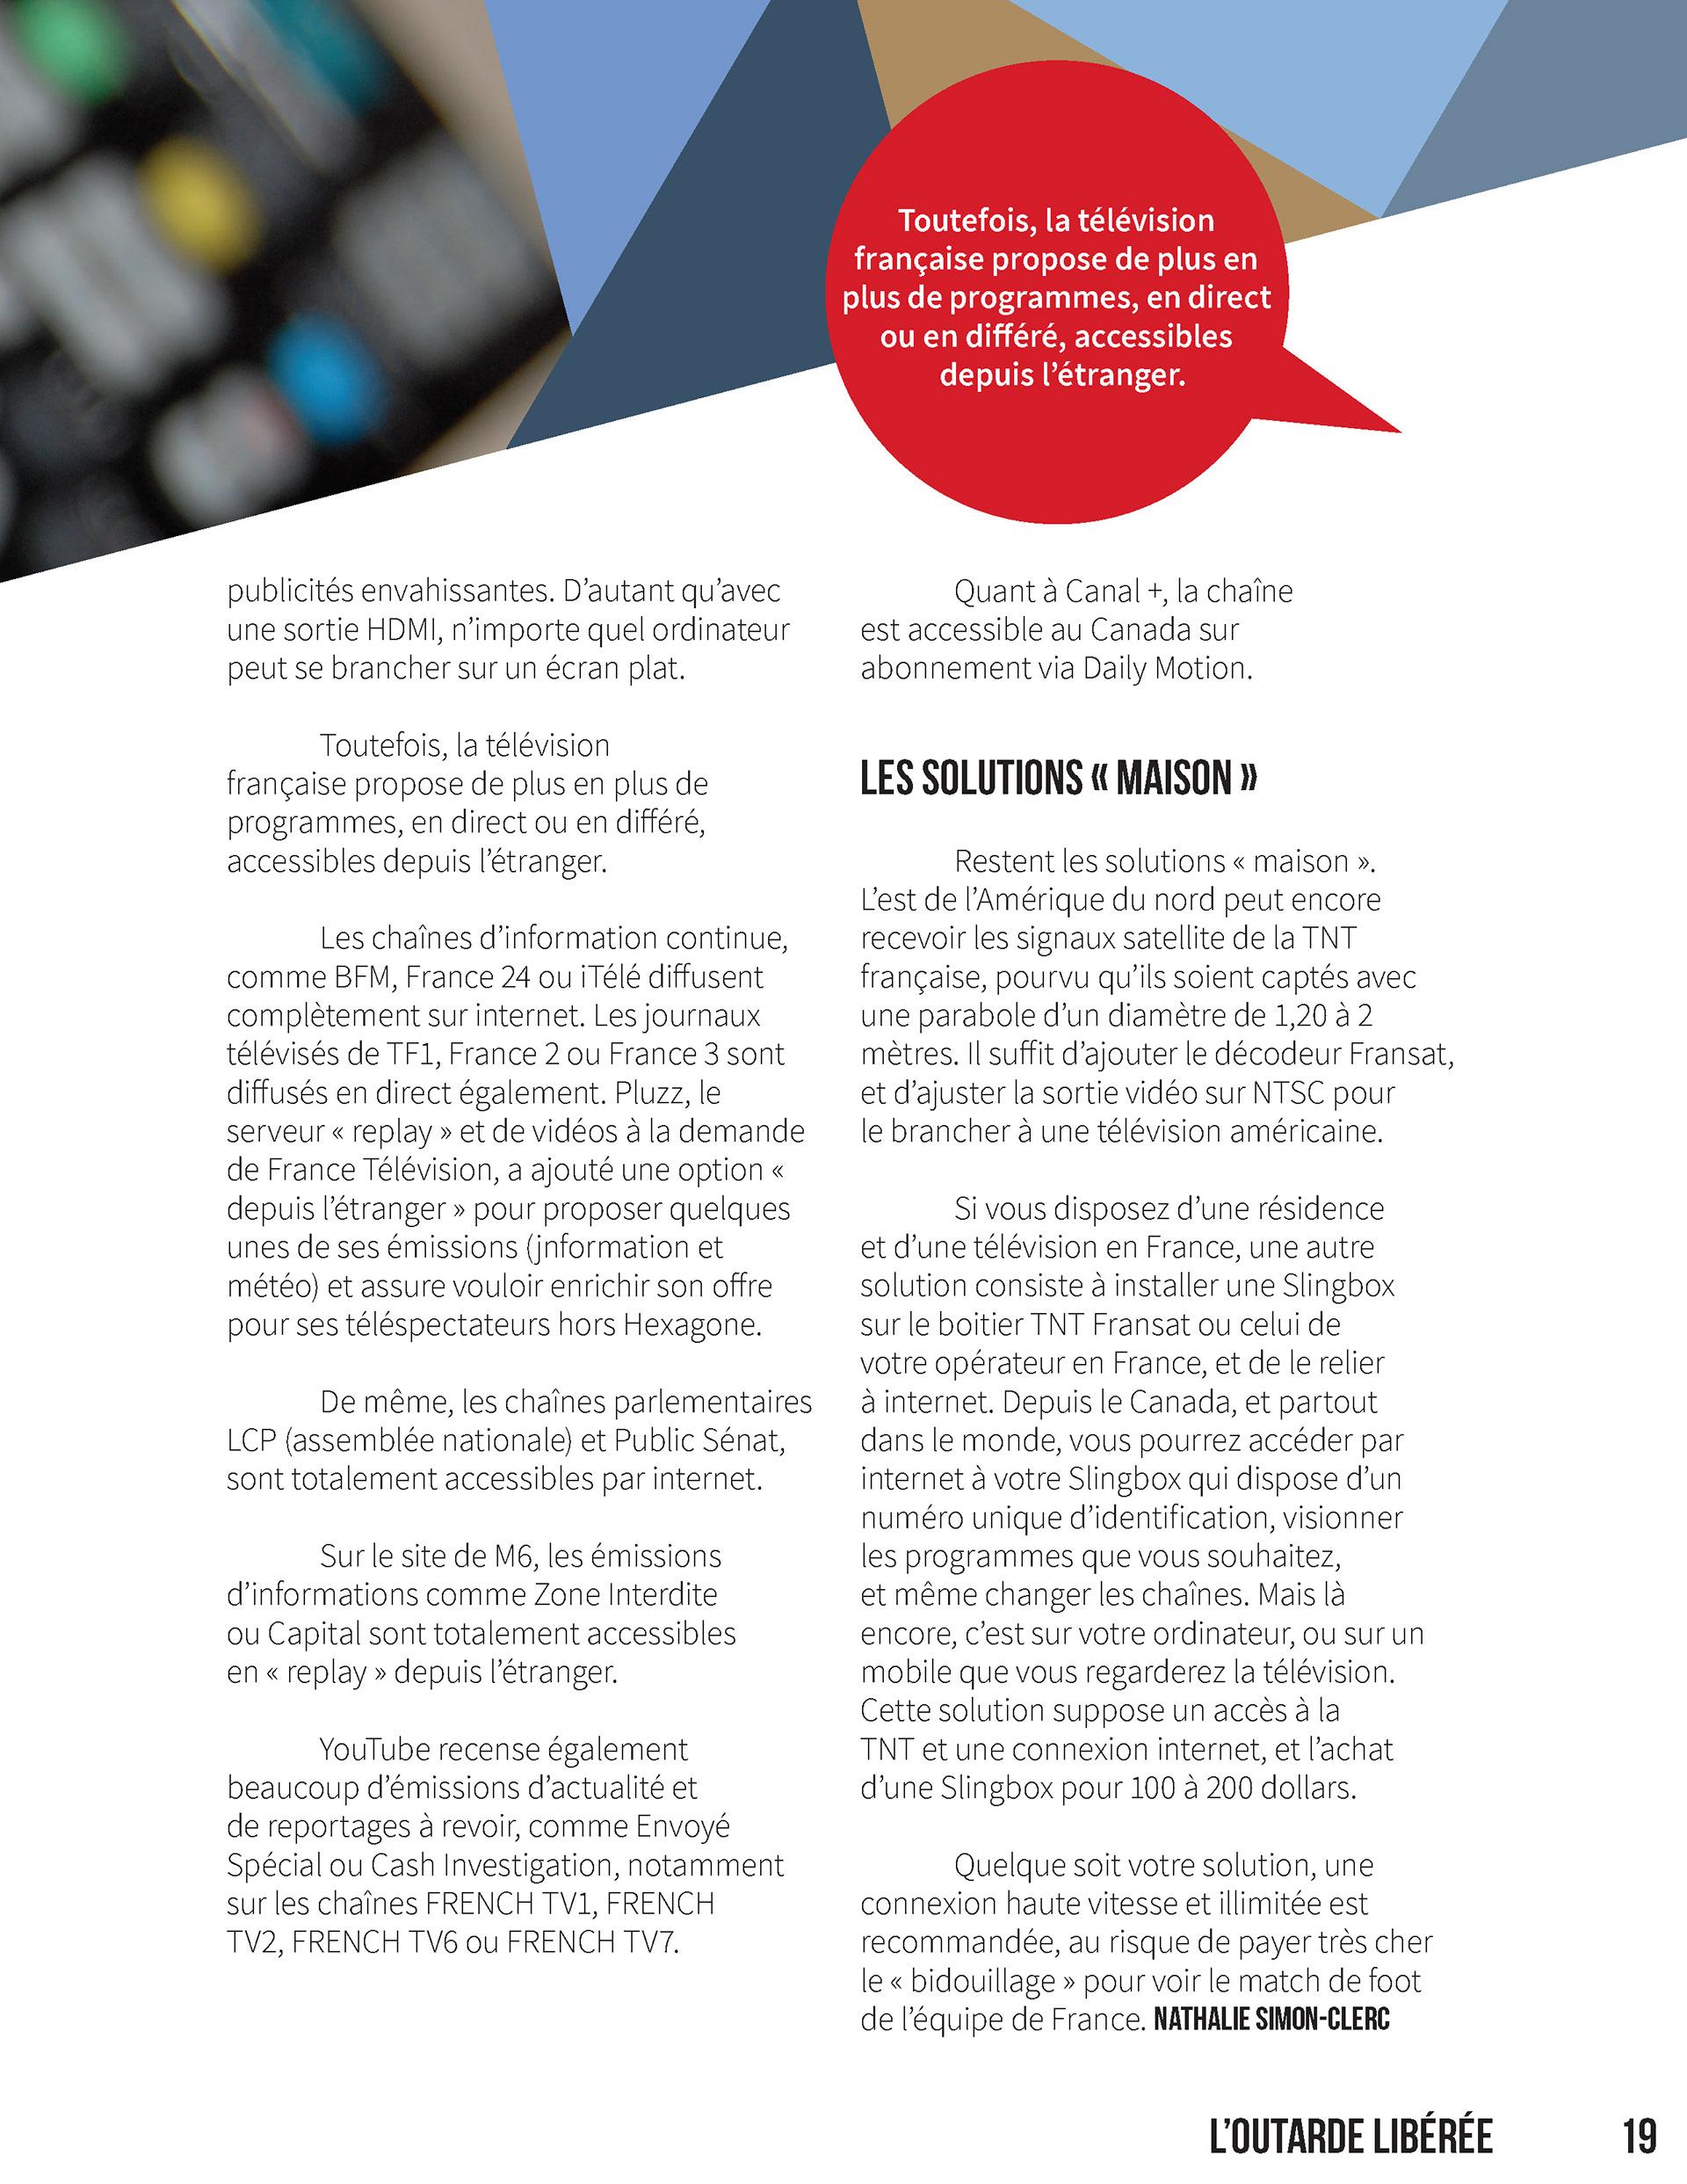 Maison Du Nord Magazine kevin nicolas - l'outarde libérée | magazine editing